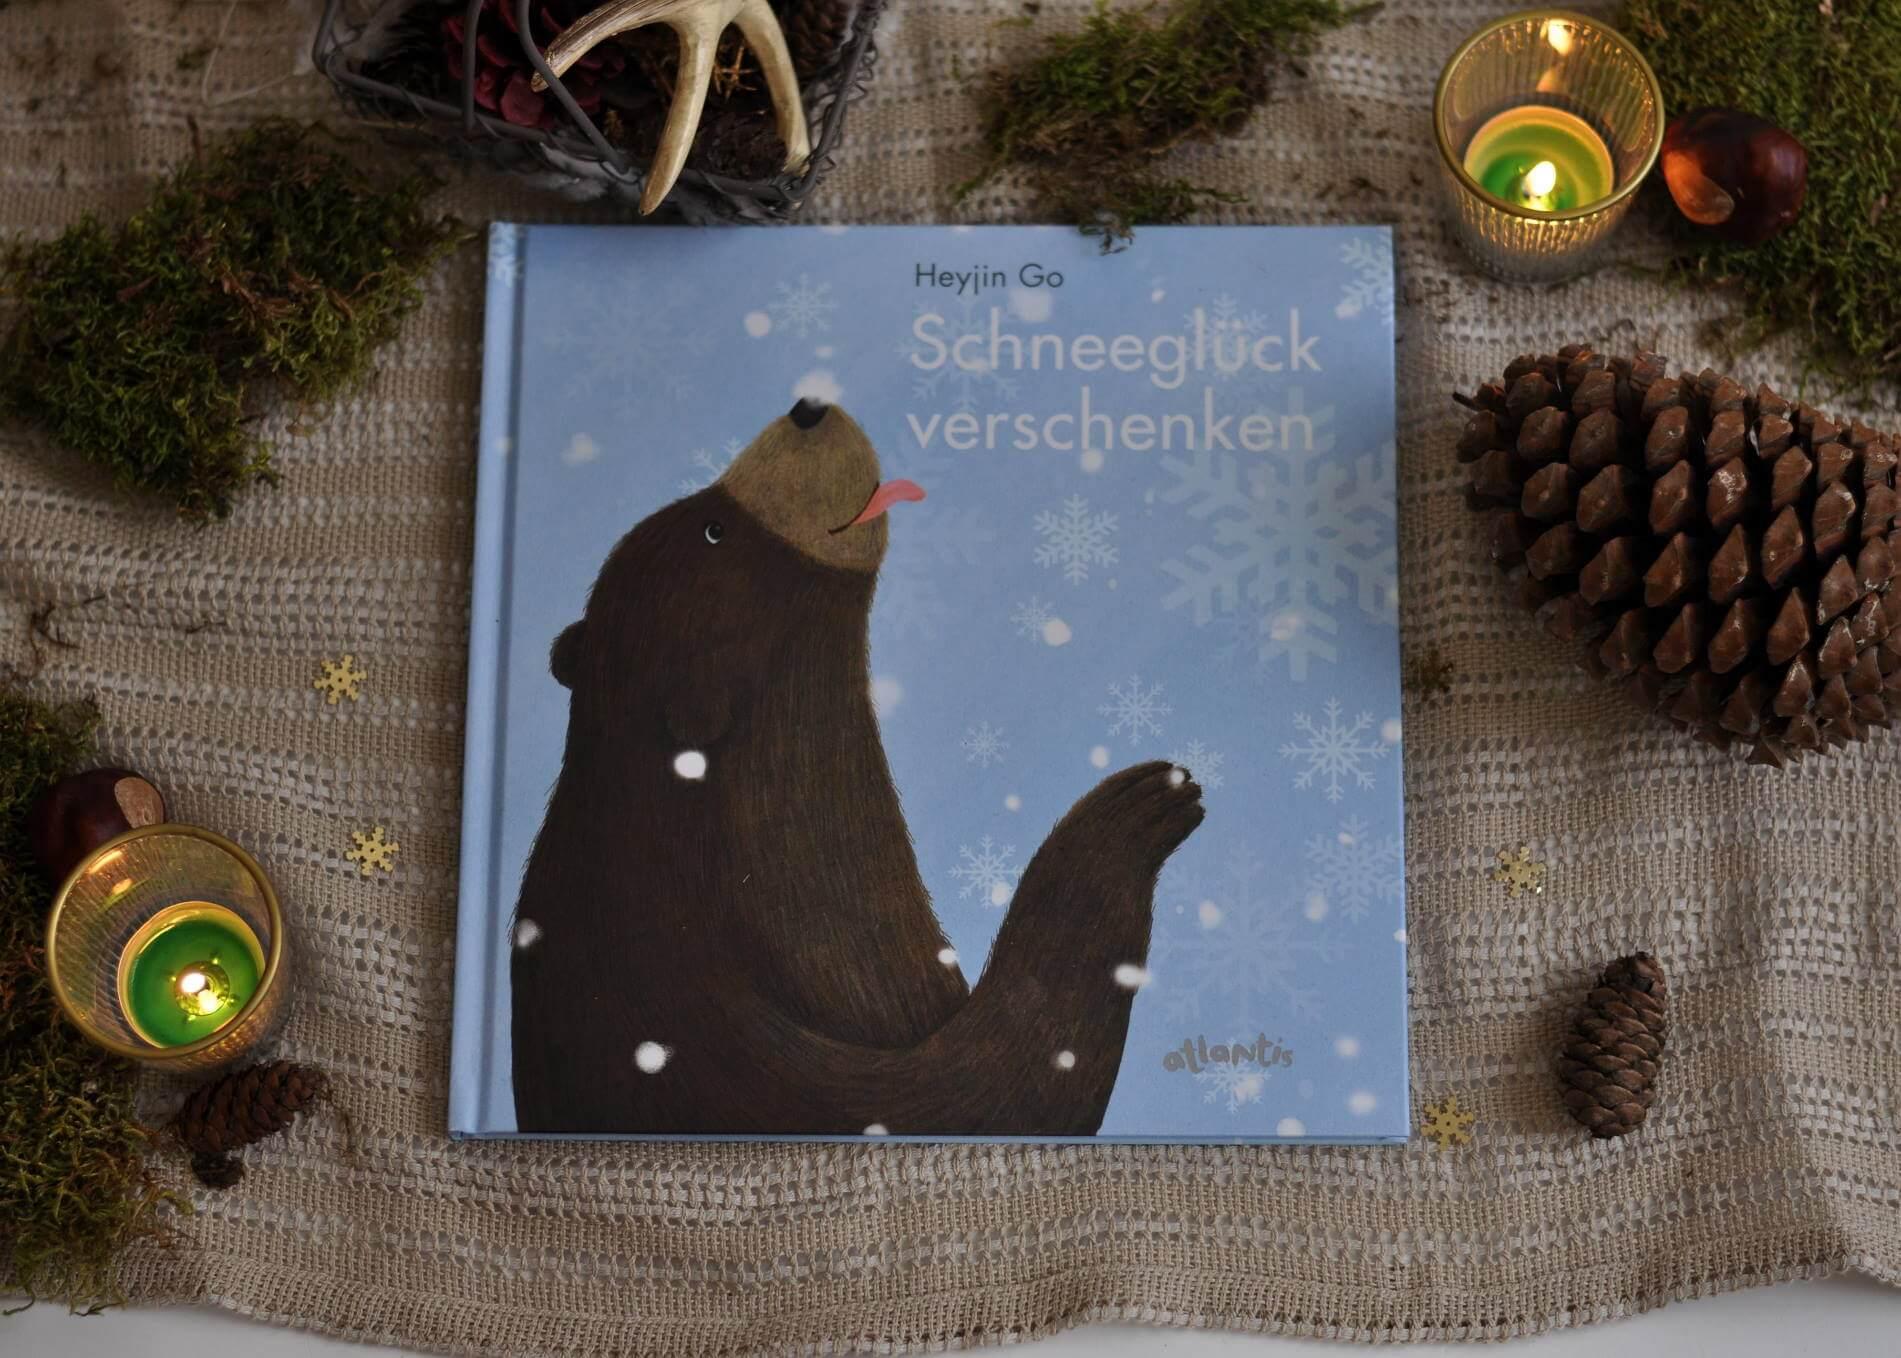 Der Bär will das Schneeglück mit seinen Freunden teilen. Aber die zwei Girlitze sind in den Süden gezogen. Was soll der Bär nun tun? Die Maus rät ihm, einen Schneemann zu bauen und diesen den Vögeln zu schicken. Klar ist die Überraschung geschmolzen, bis sie ankommt. #bär #winter #schnee #freundschaft #wald #waldtiere #bilderbuch #lesen #weihnachten